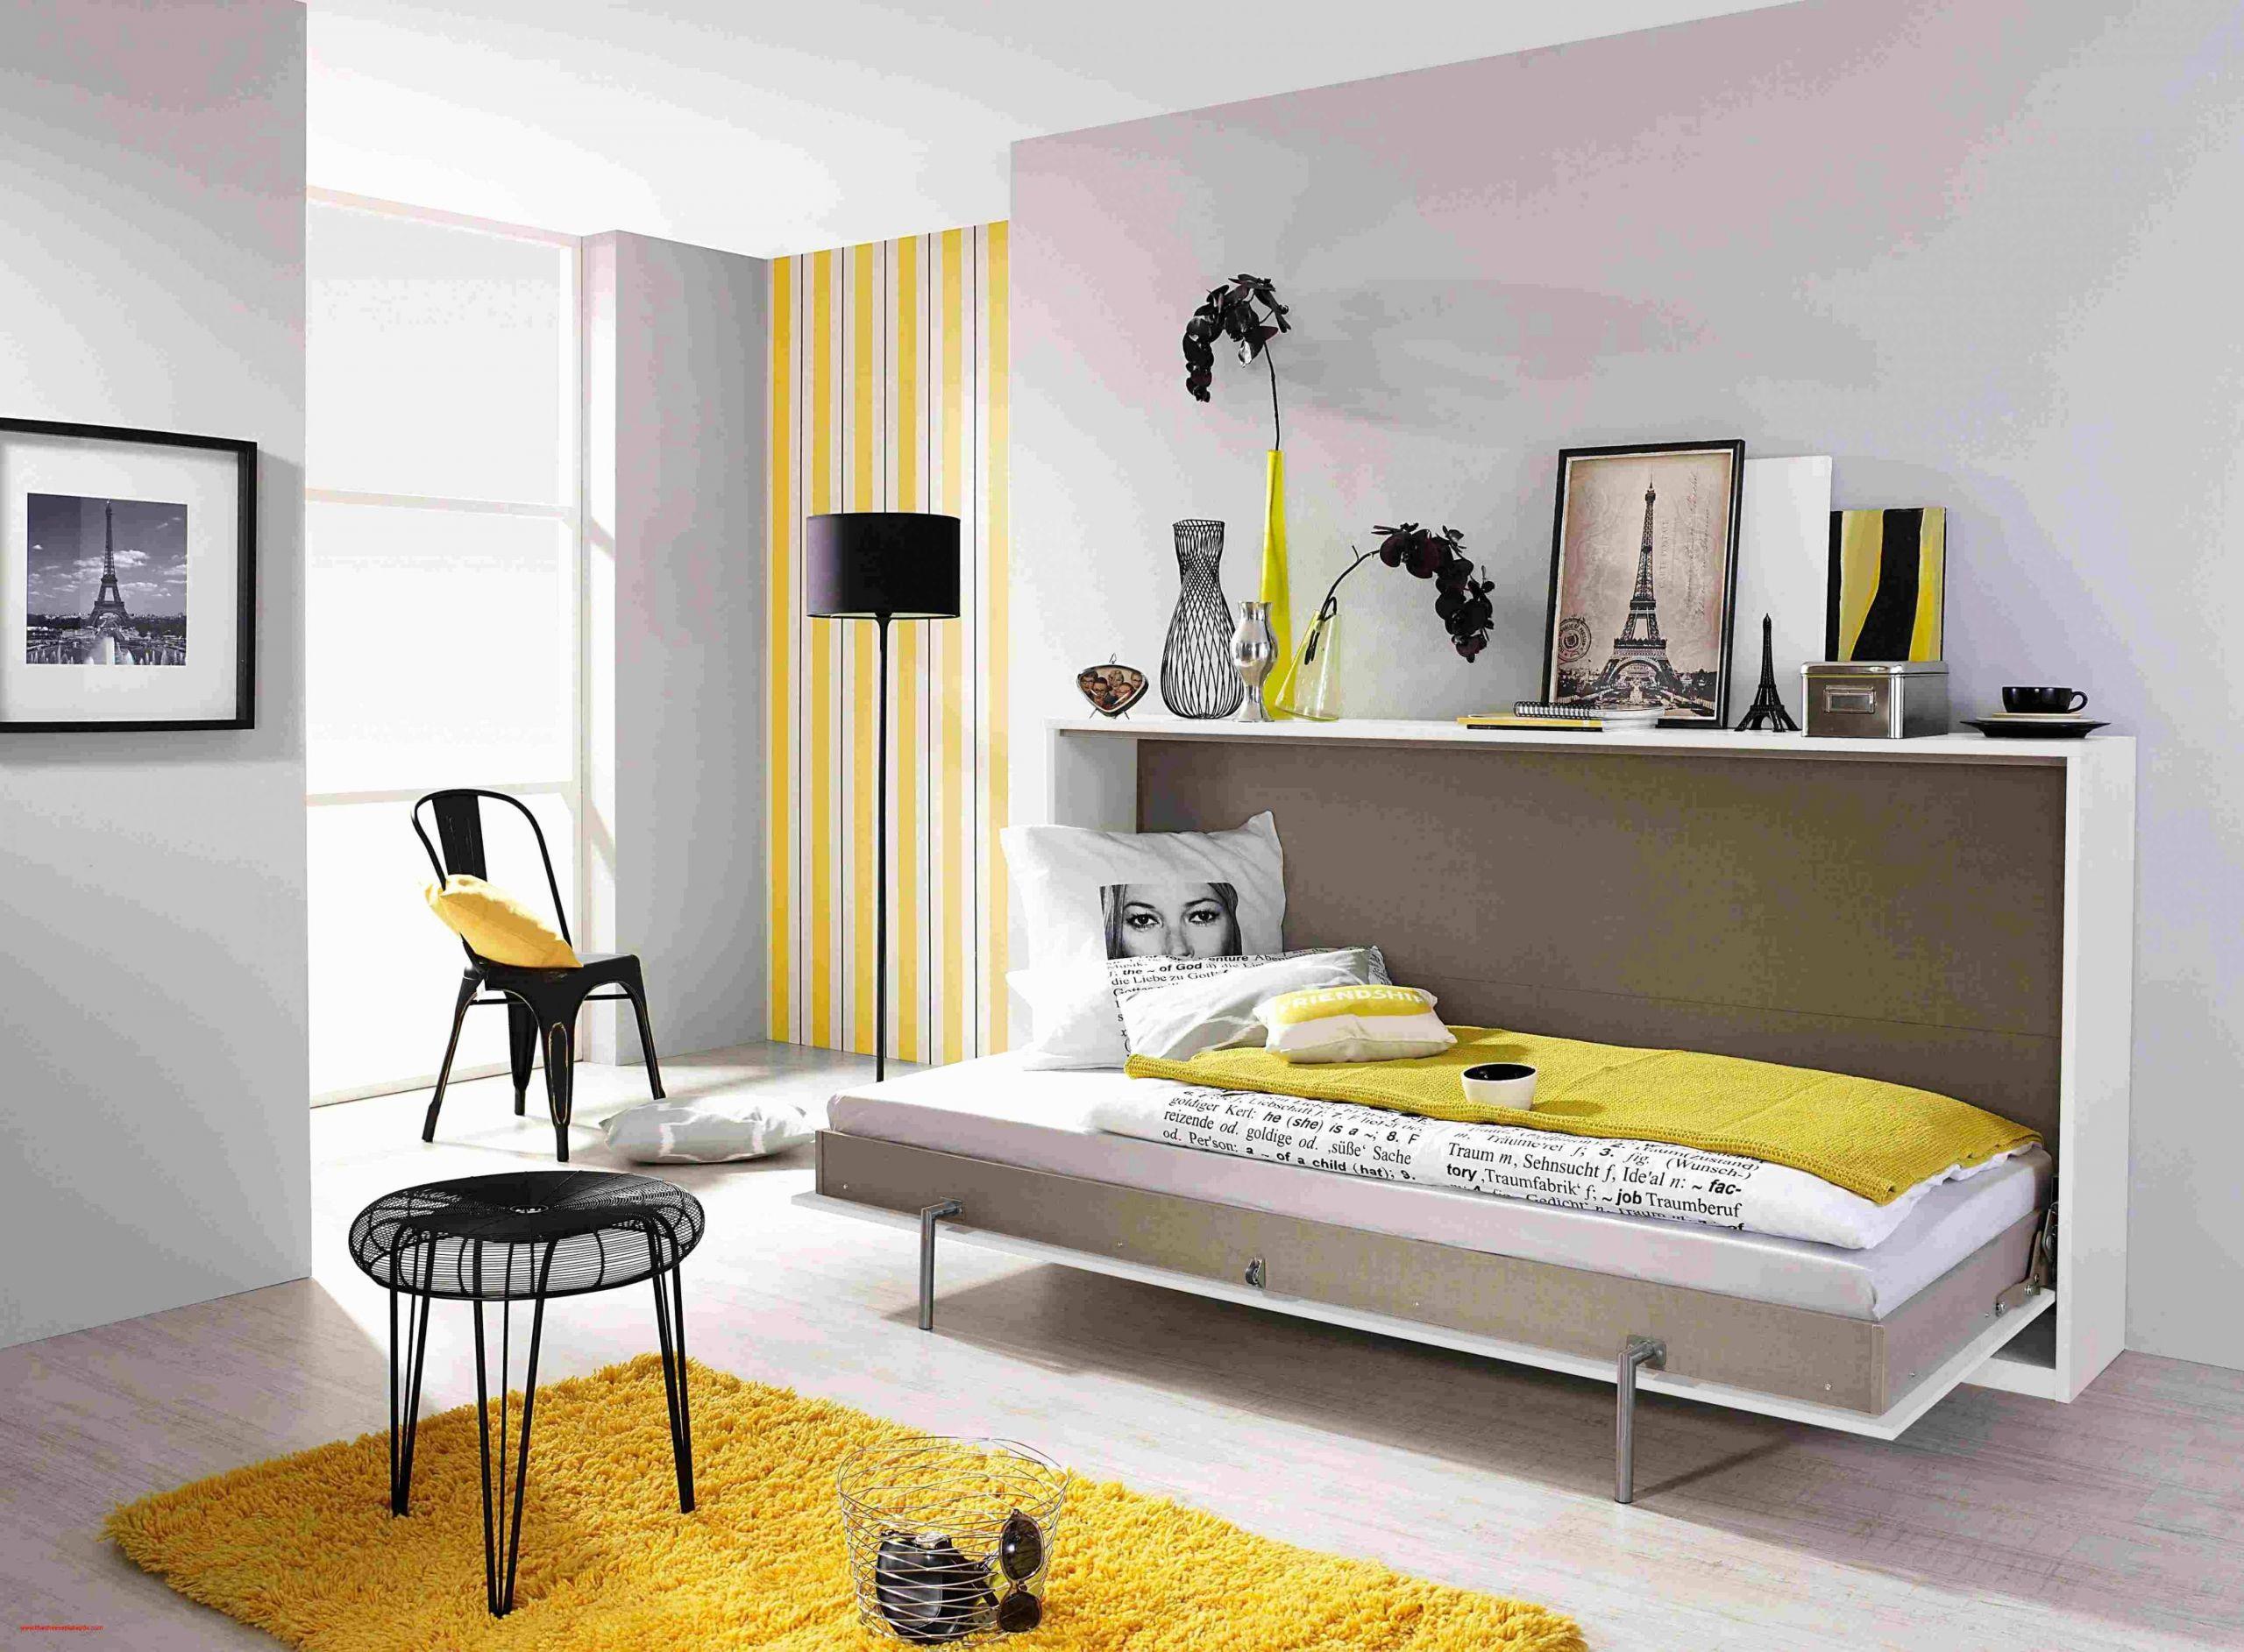 bilder fur wohnung frisch deko ideen fur wohnzimmer design was solltest du tun of bilder fur wohnung